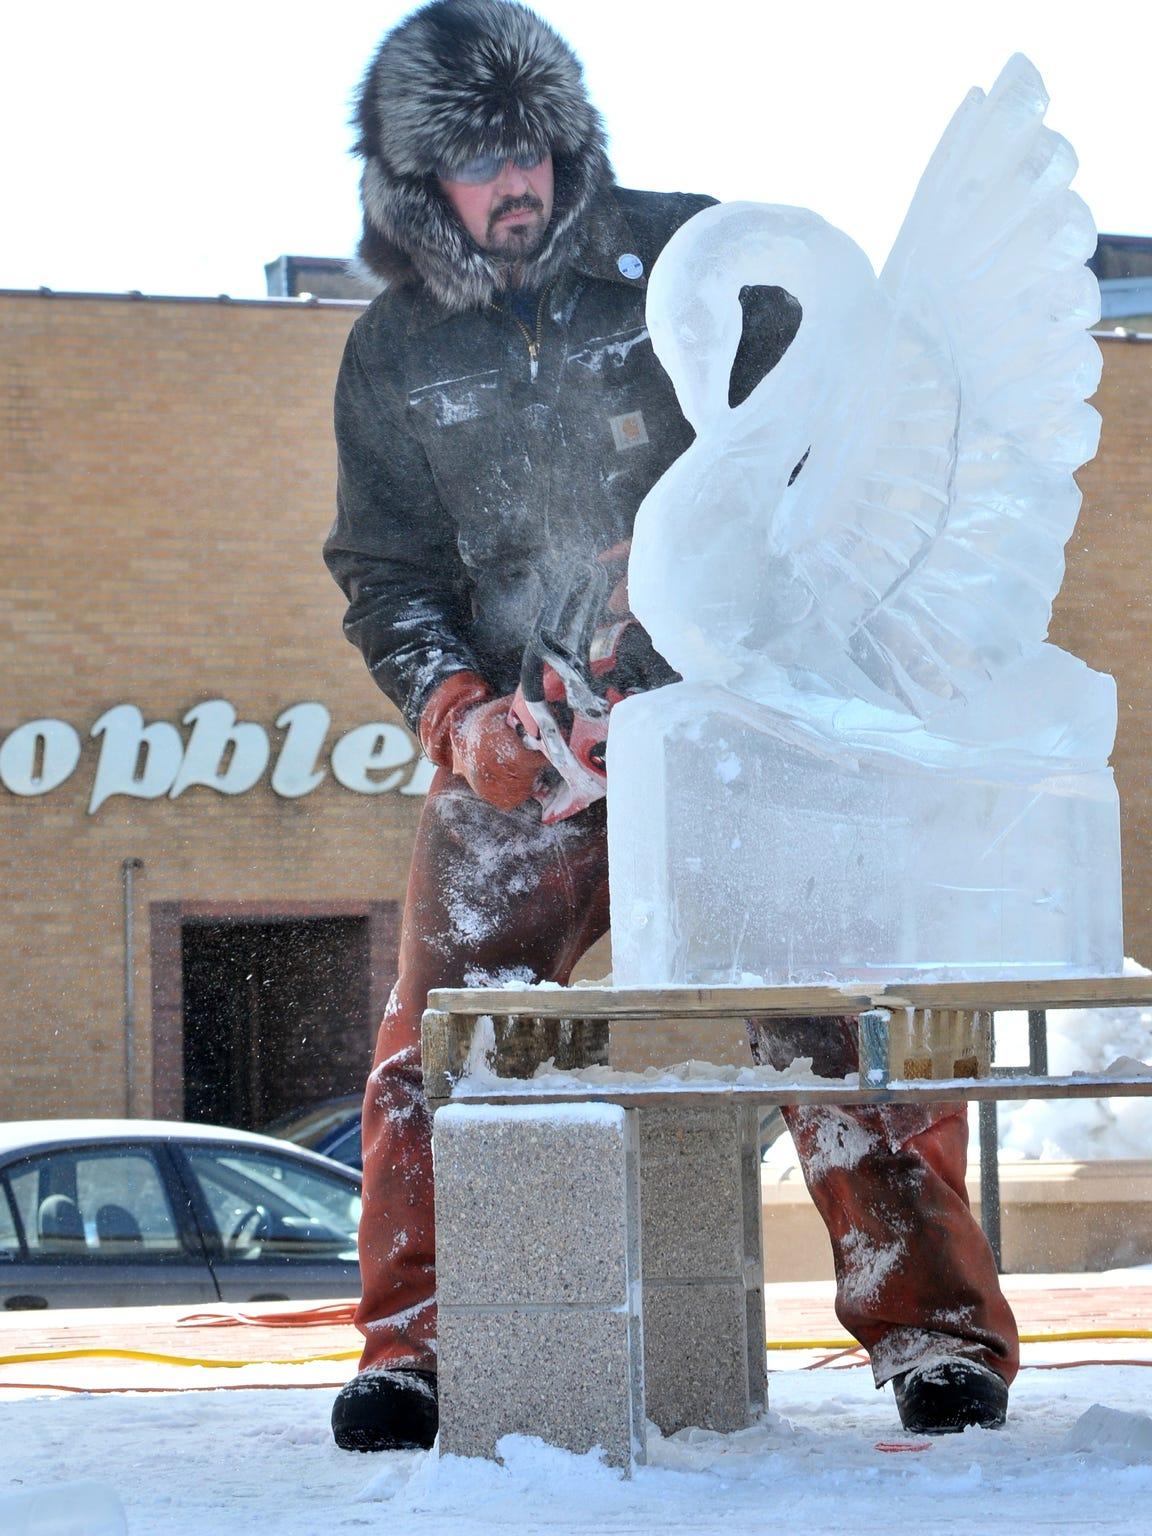 In this 2012 file photo, Steve Brandt of Cedarburg